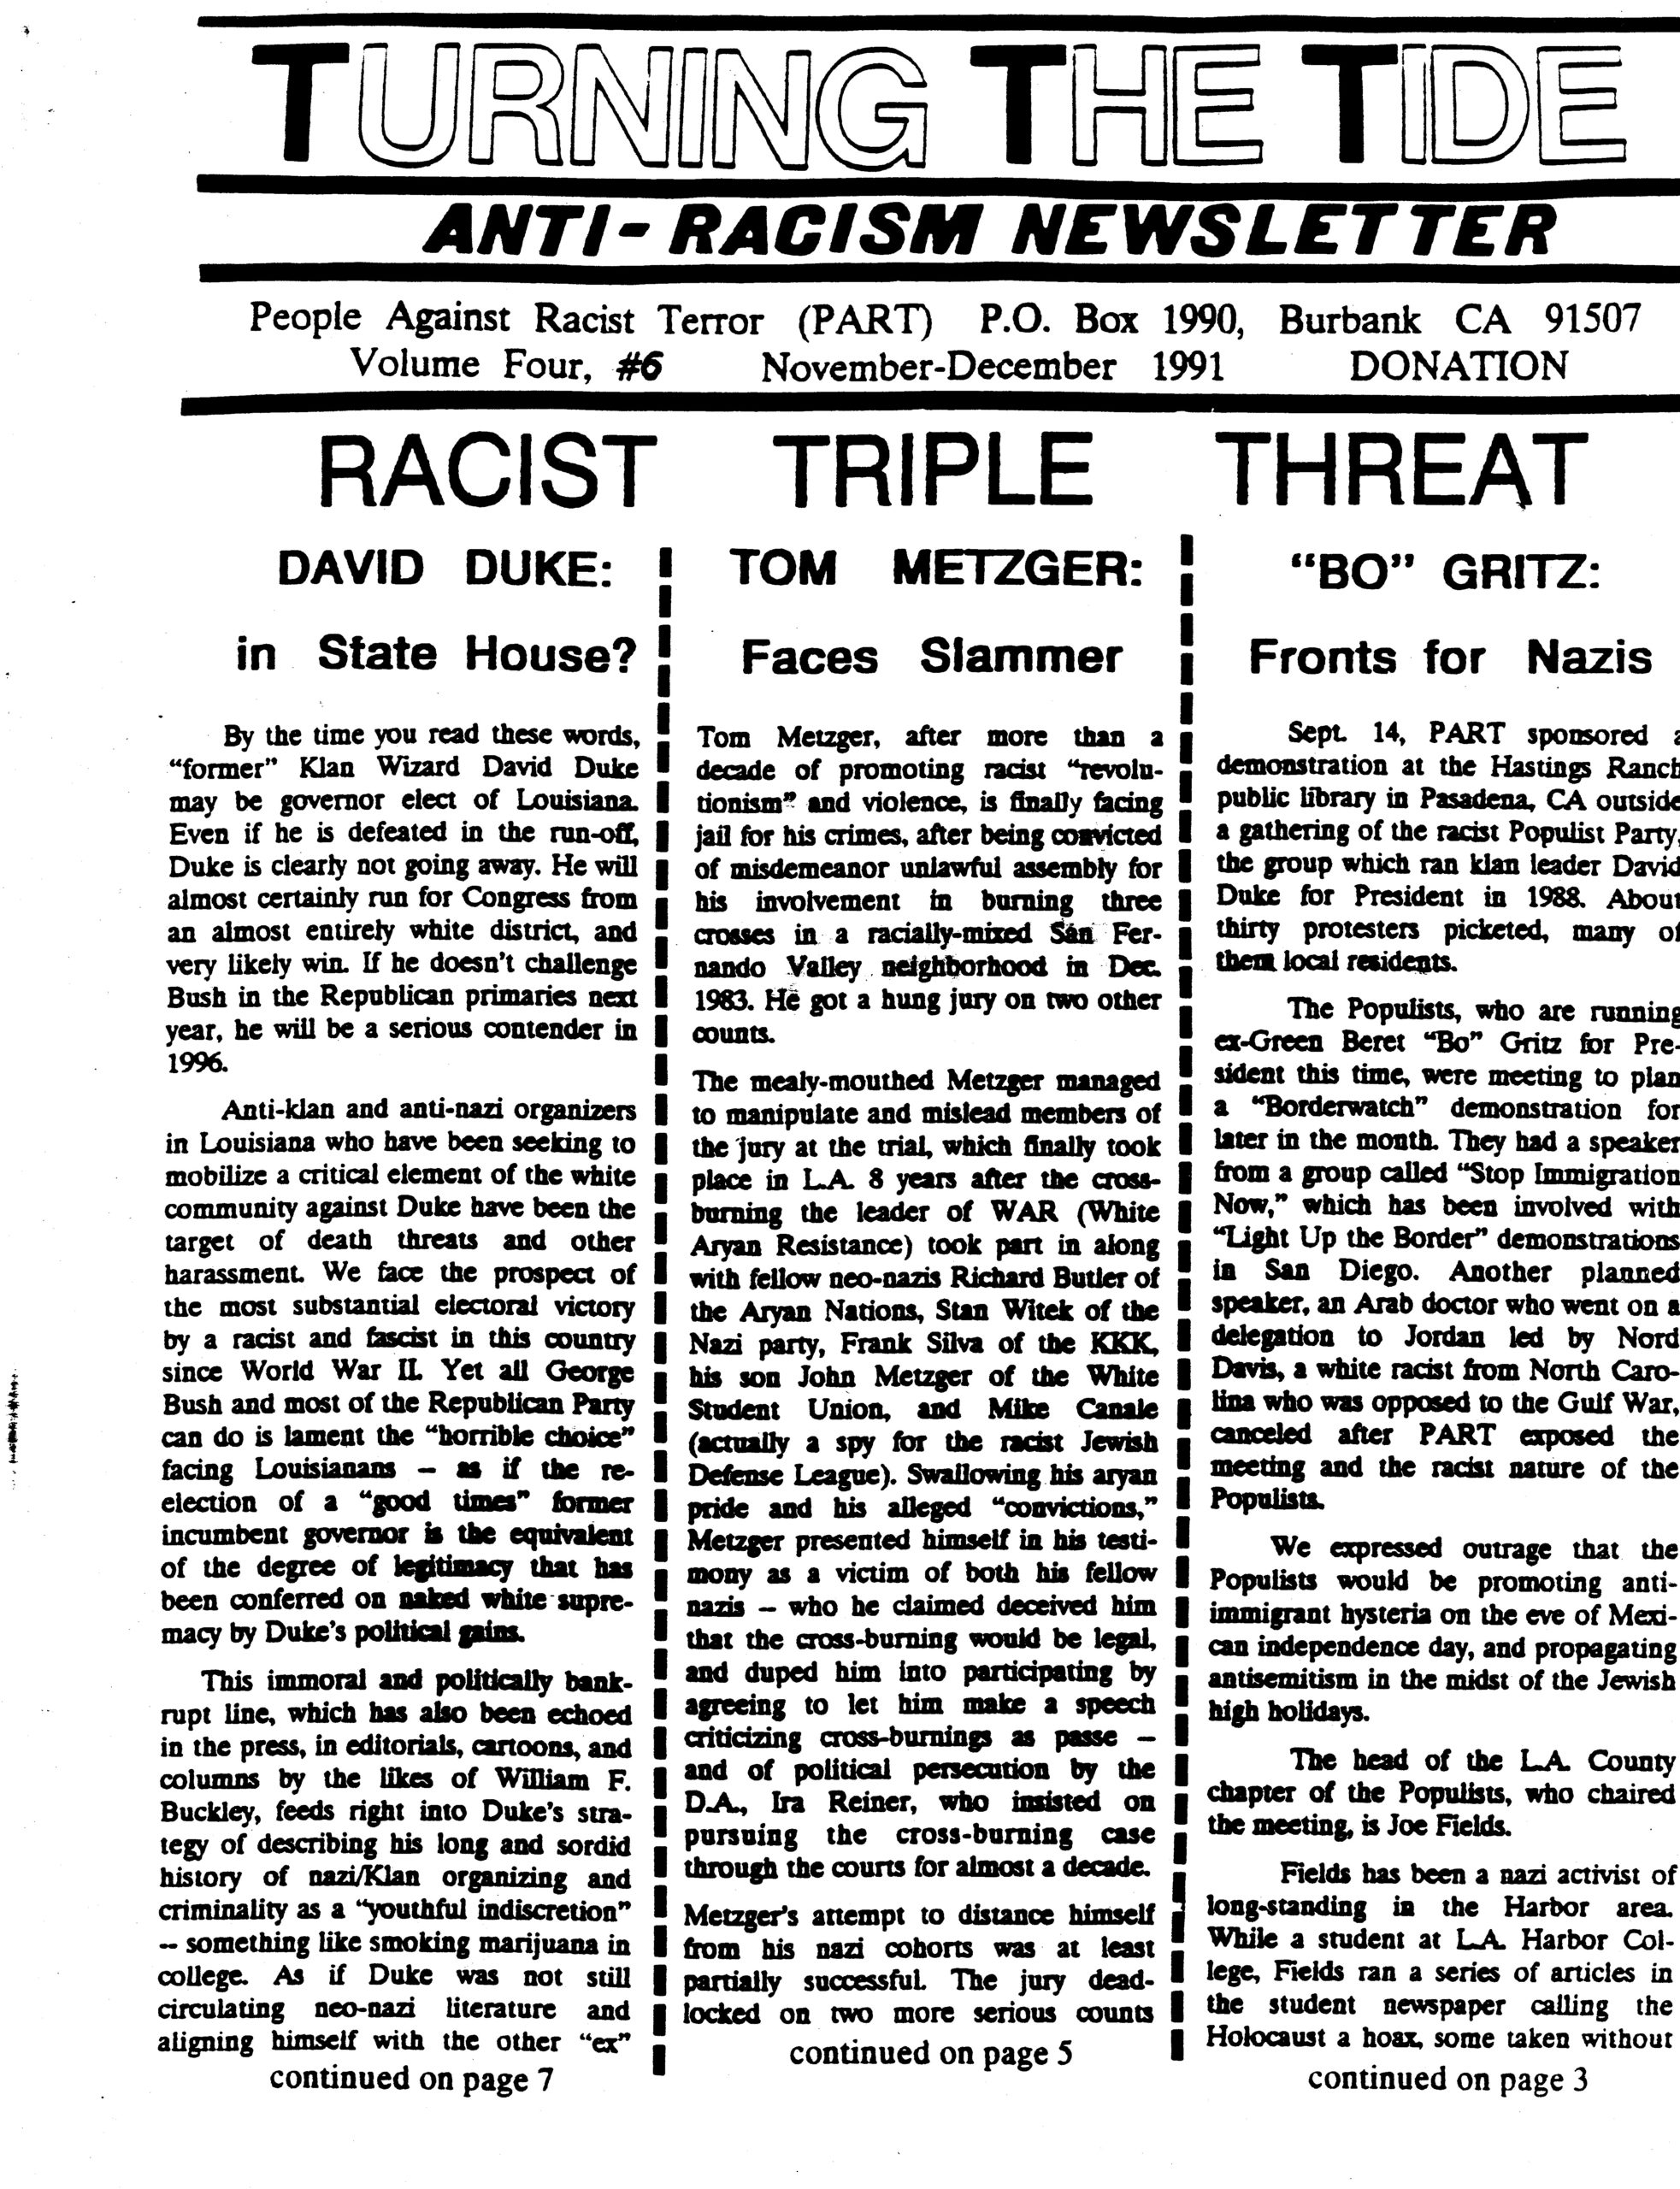 TTT Vol. 4 #6, Nov.-Dec. 1991